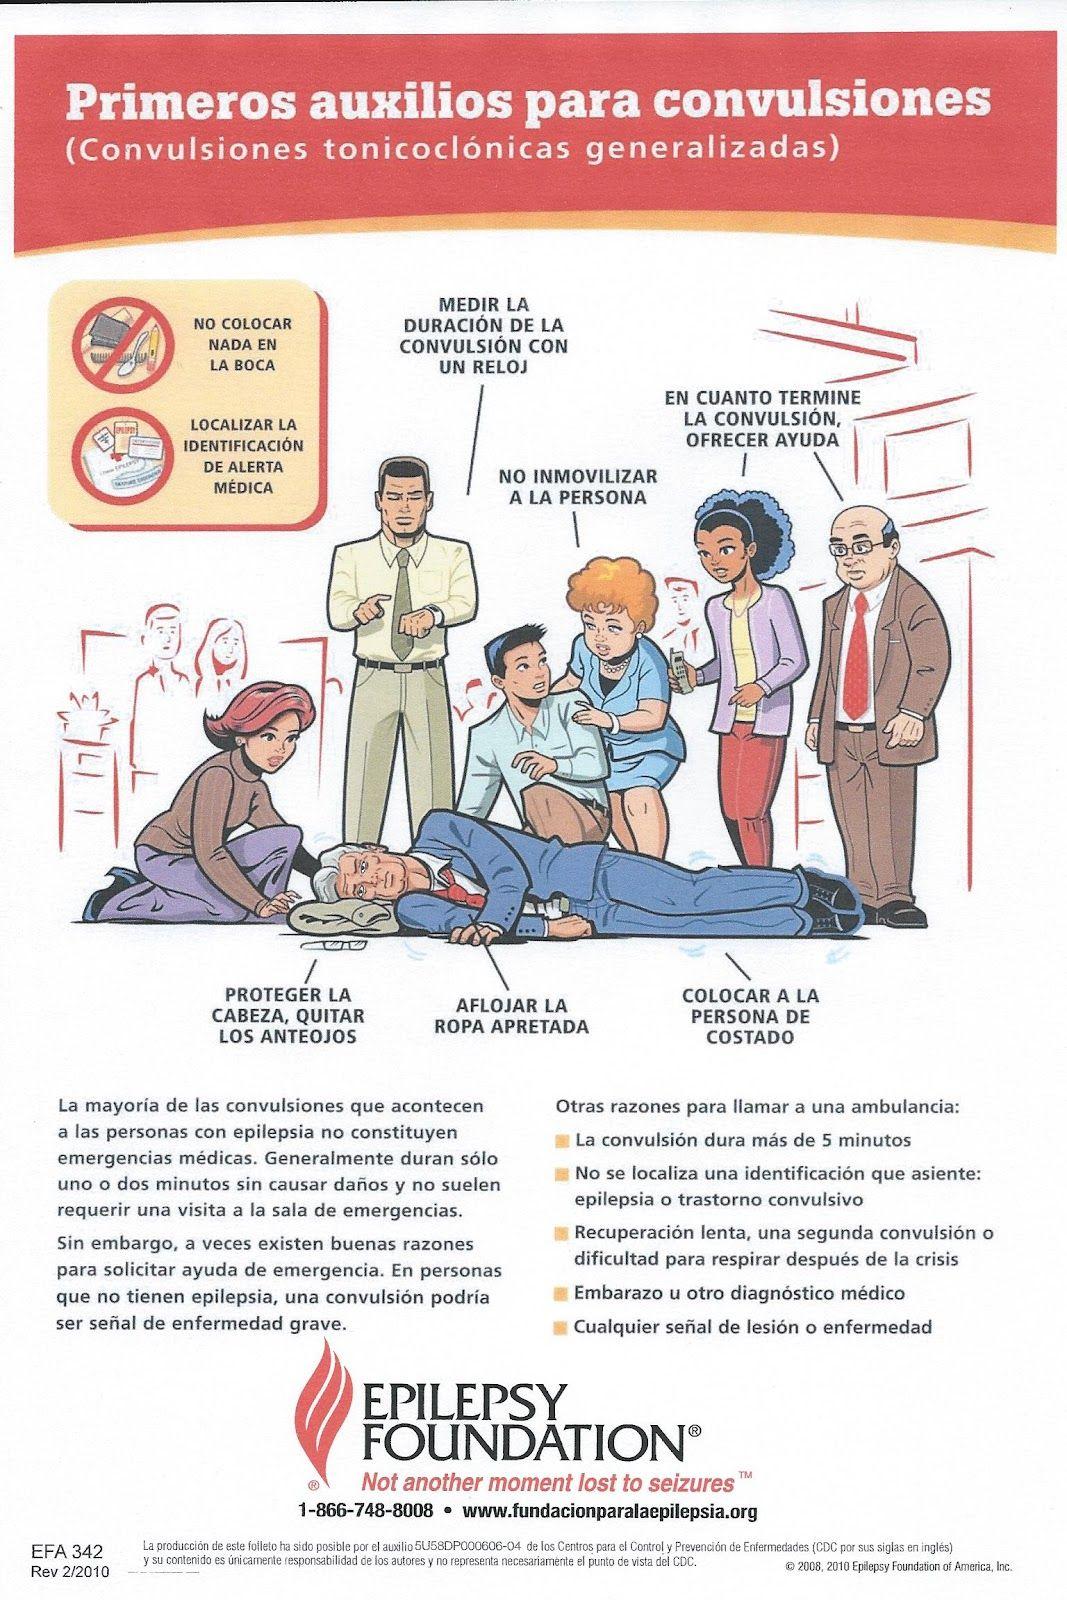 Infografía sobre primeros auxilios para convulsiones de la